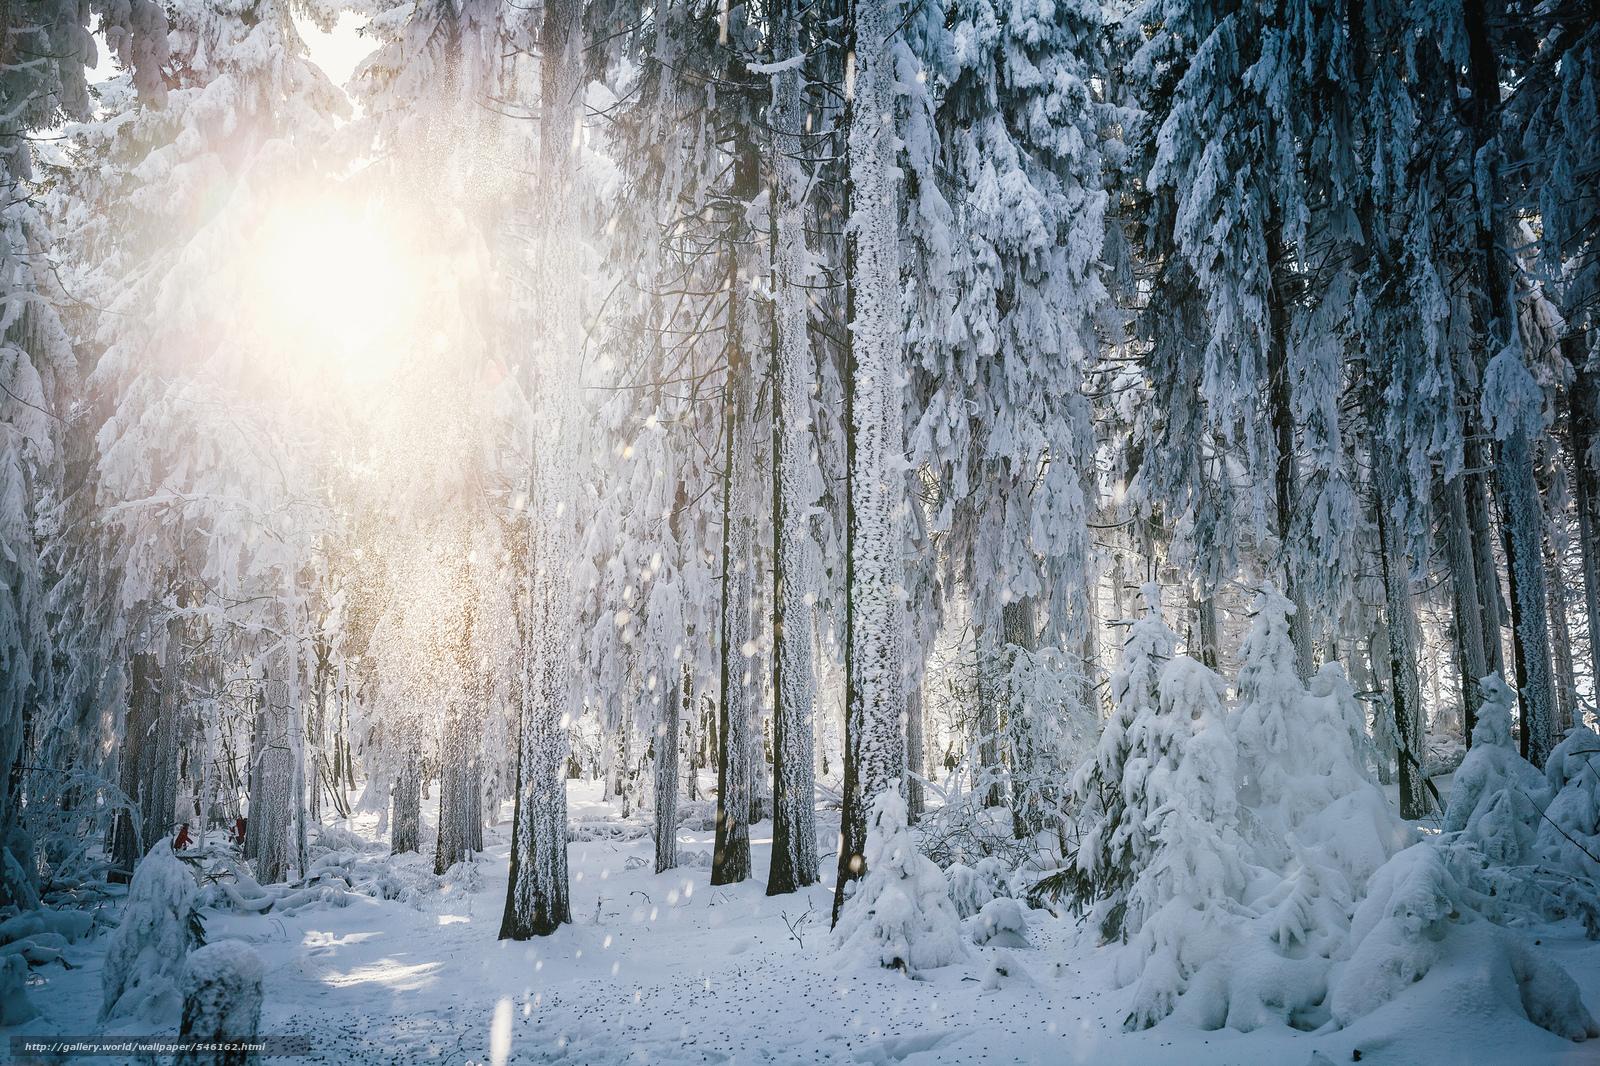 download wallpaper winter wonderland hochtaunuskreis